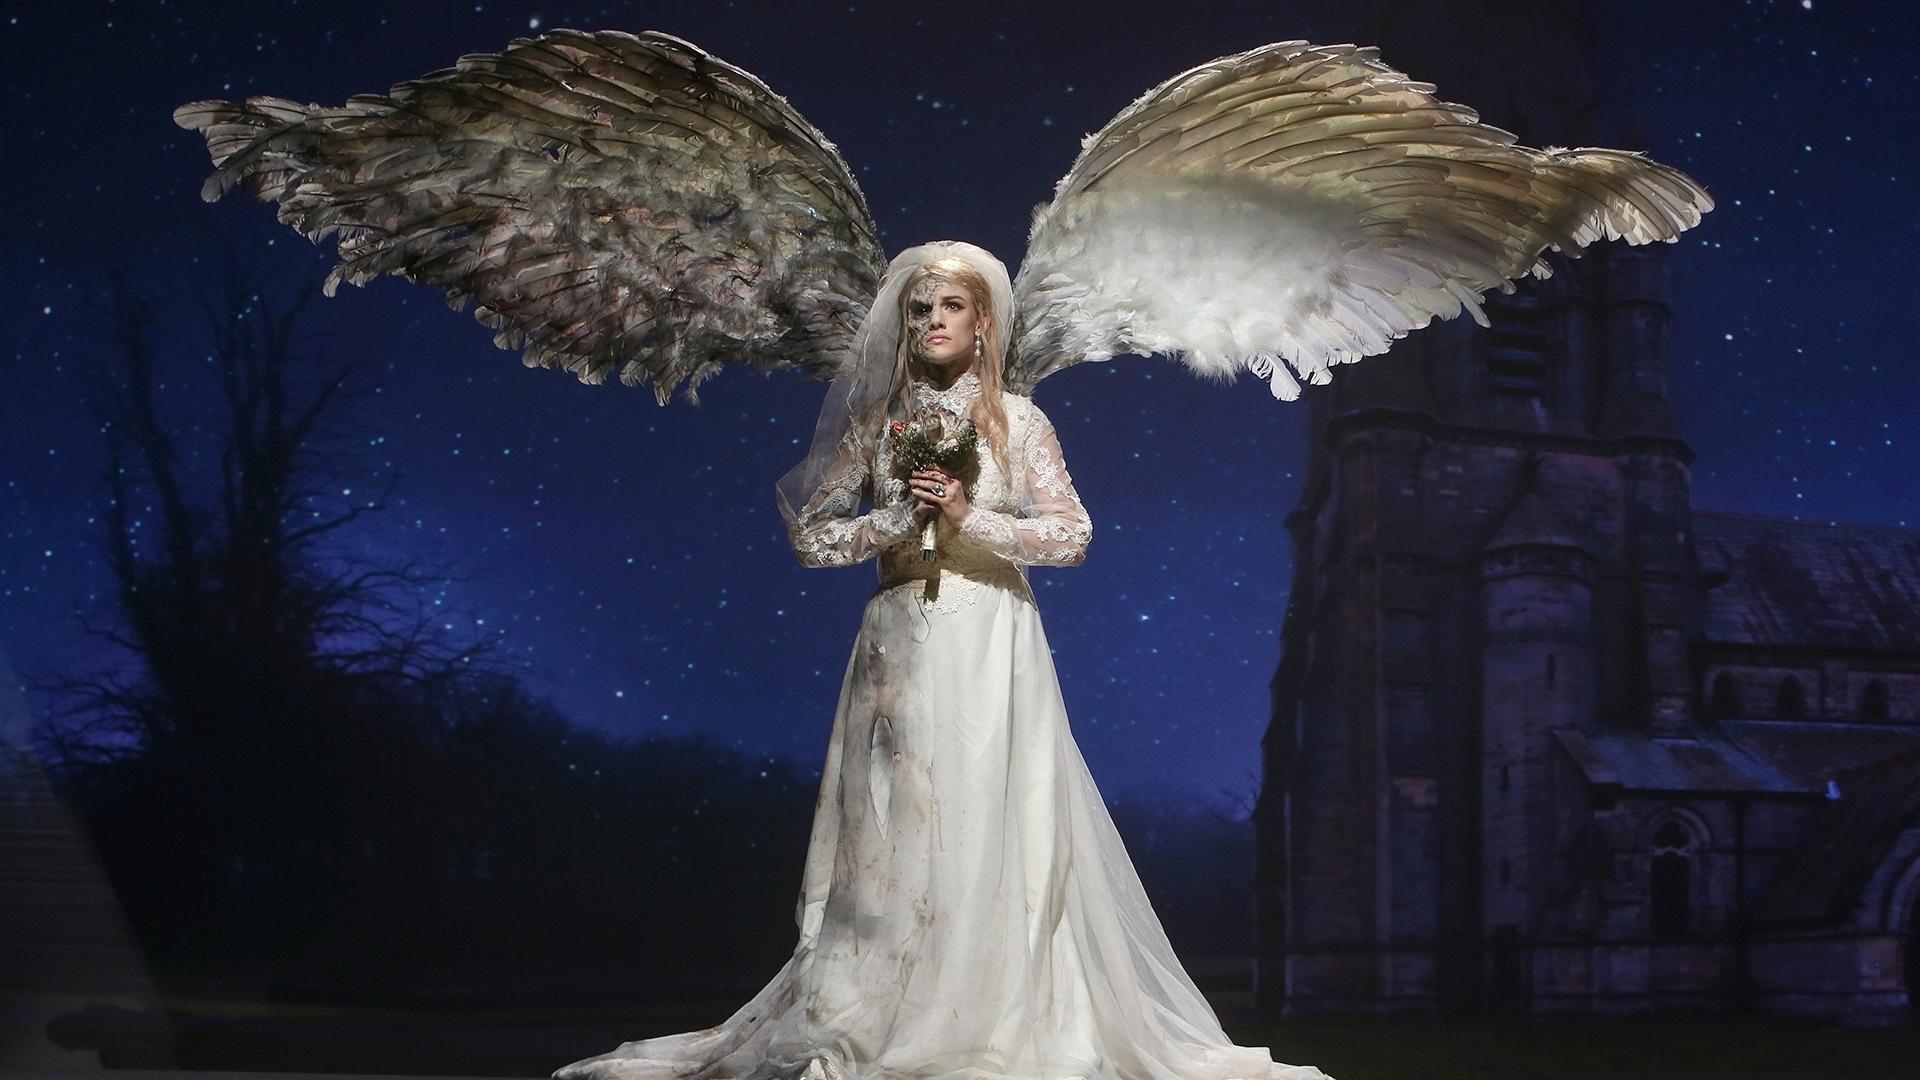 Hintergrundbilder Engel Kostenlos Für Pc mit Engel Bilder Kostenlos Herunterladen